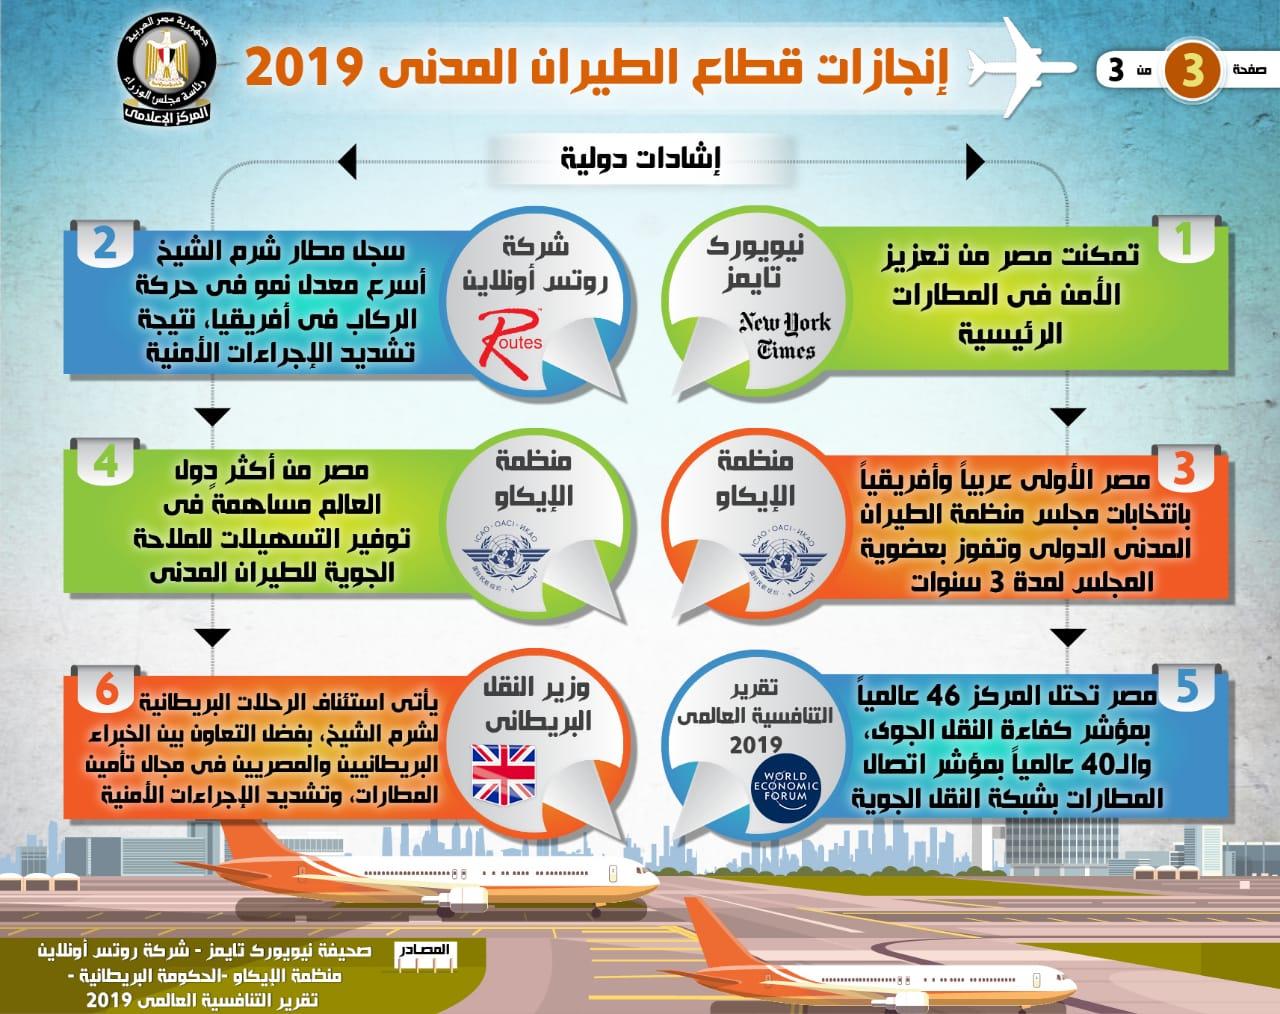 انجازات قطاع الطيران المدنى 2019 (3)